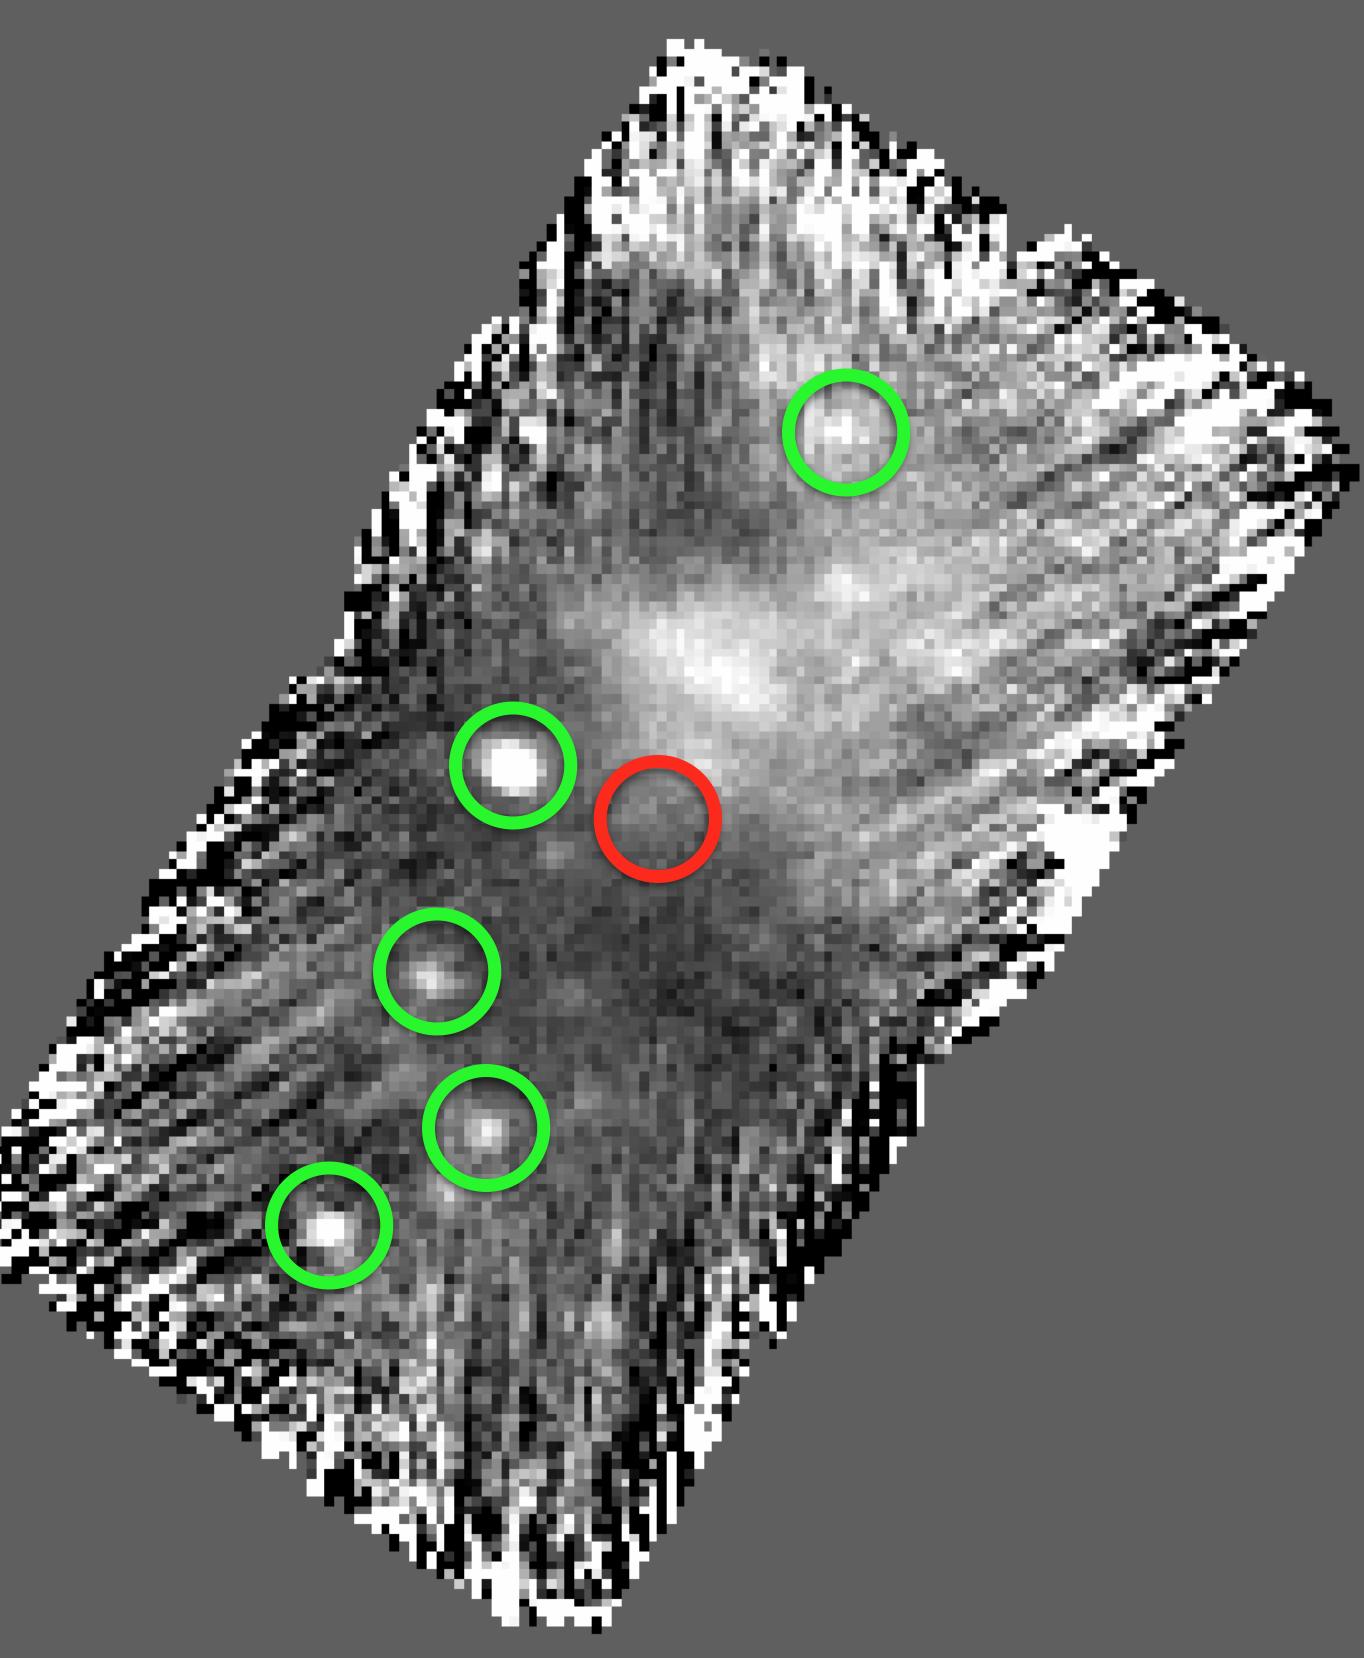 1567214520643-Herschel_PACS_2006SX368.png